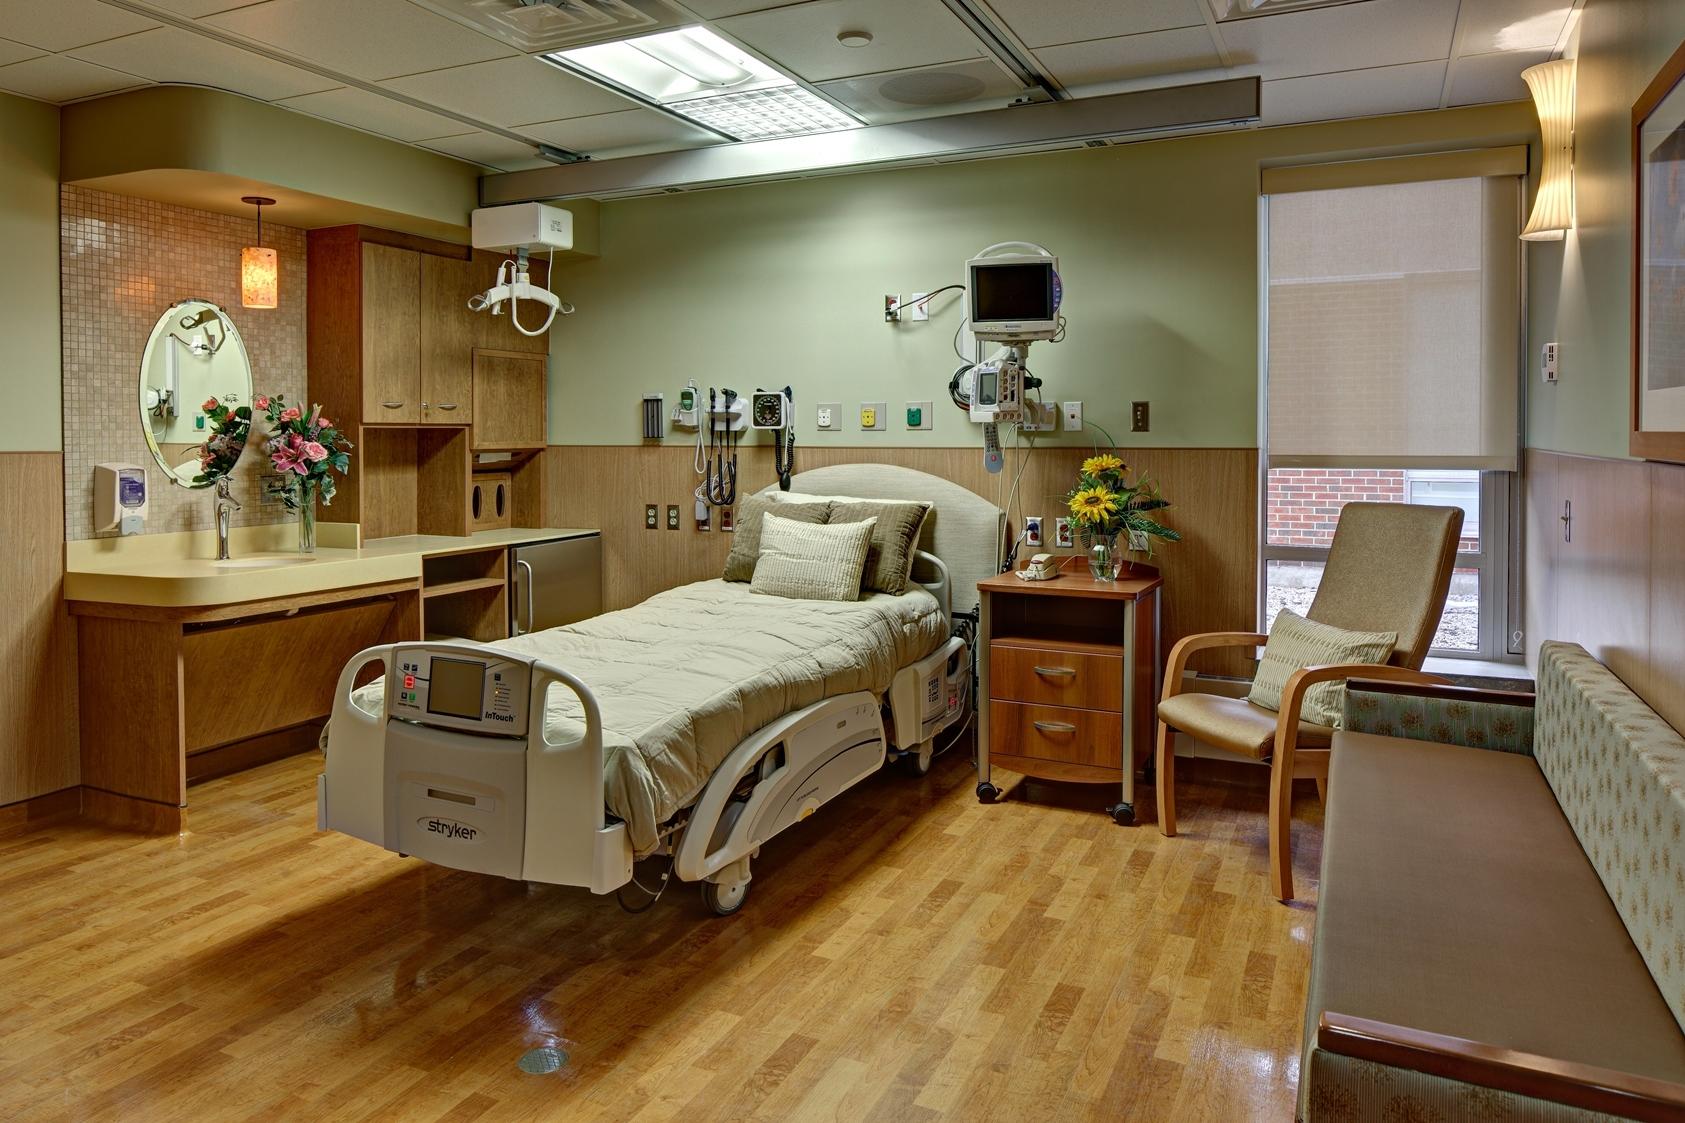 27cae6c20b0ab7c37708_1_south_patient_room.jpg